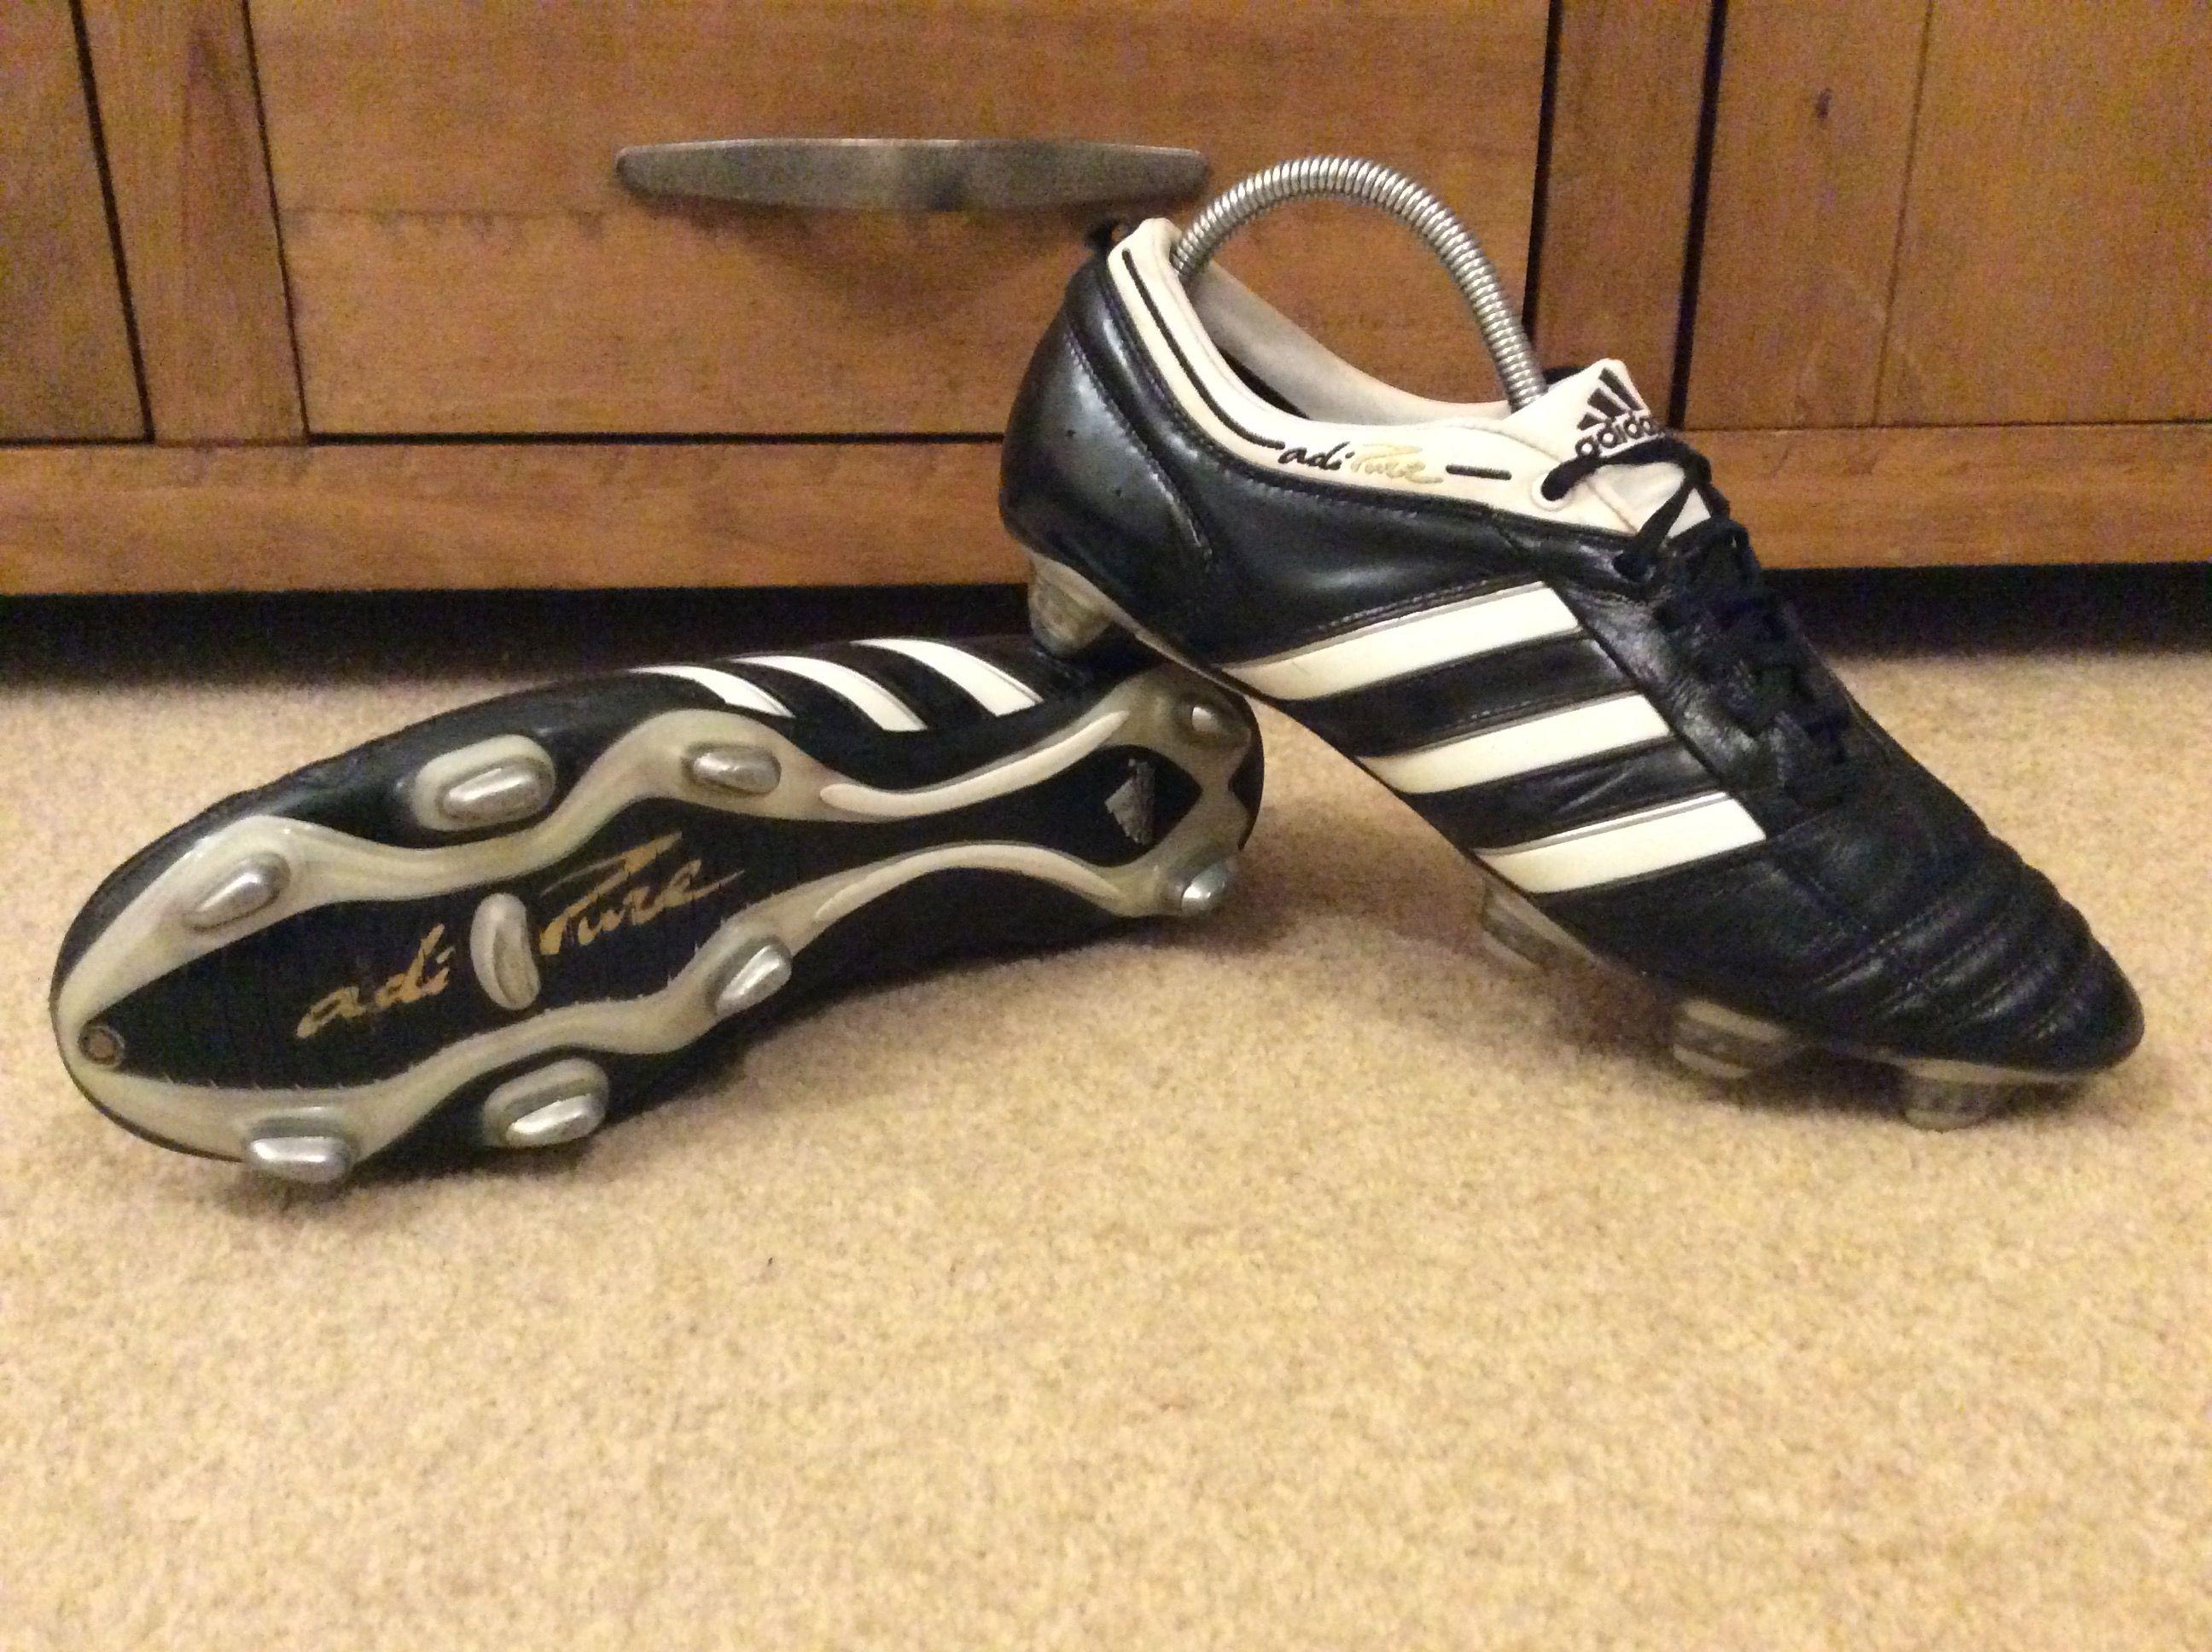 Derrotado preposición Ernest Shackleton  Adidas AdiPURE II TRX SG Football Boots | Zapatos de fútbol, Botines, Fútbol